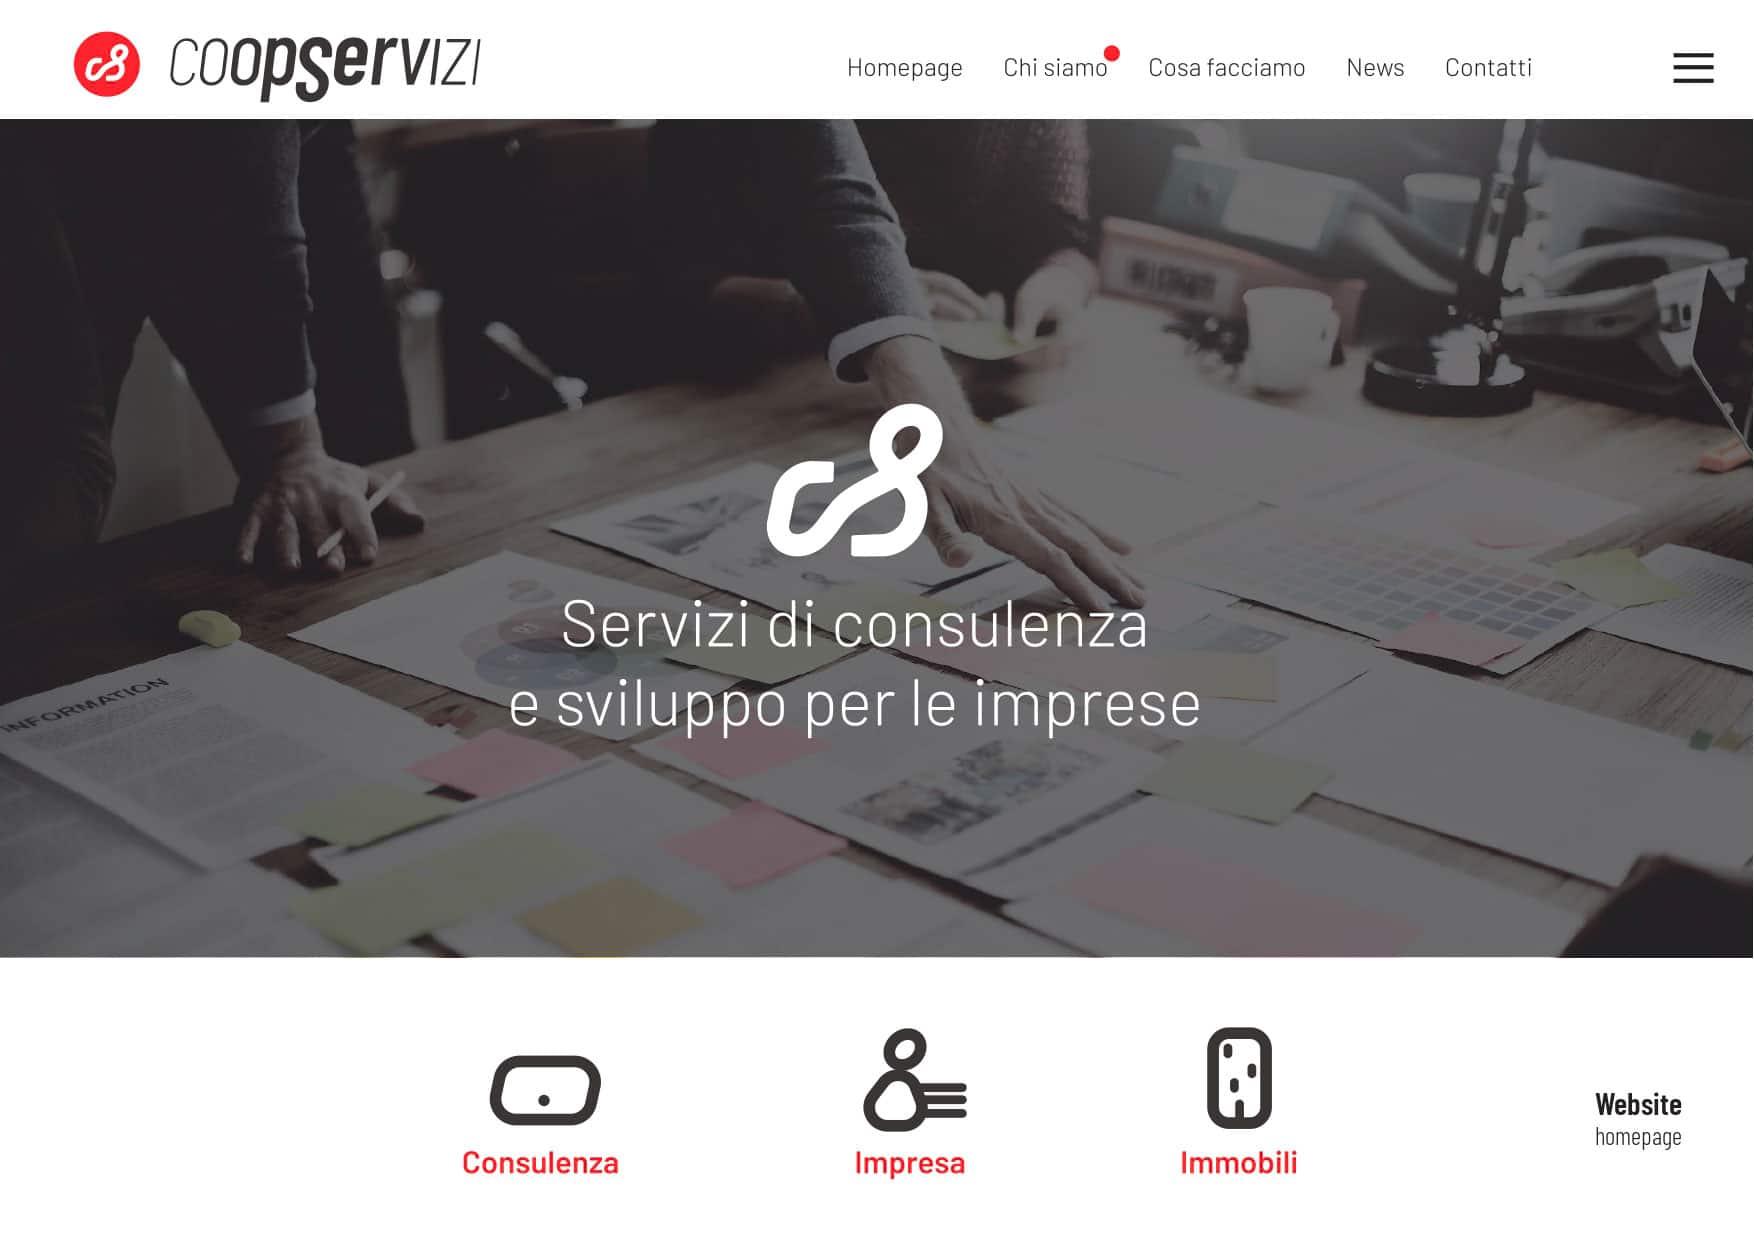 progetto-COOPSERVIZI-Emanuele Milanini_page-0013